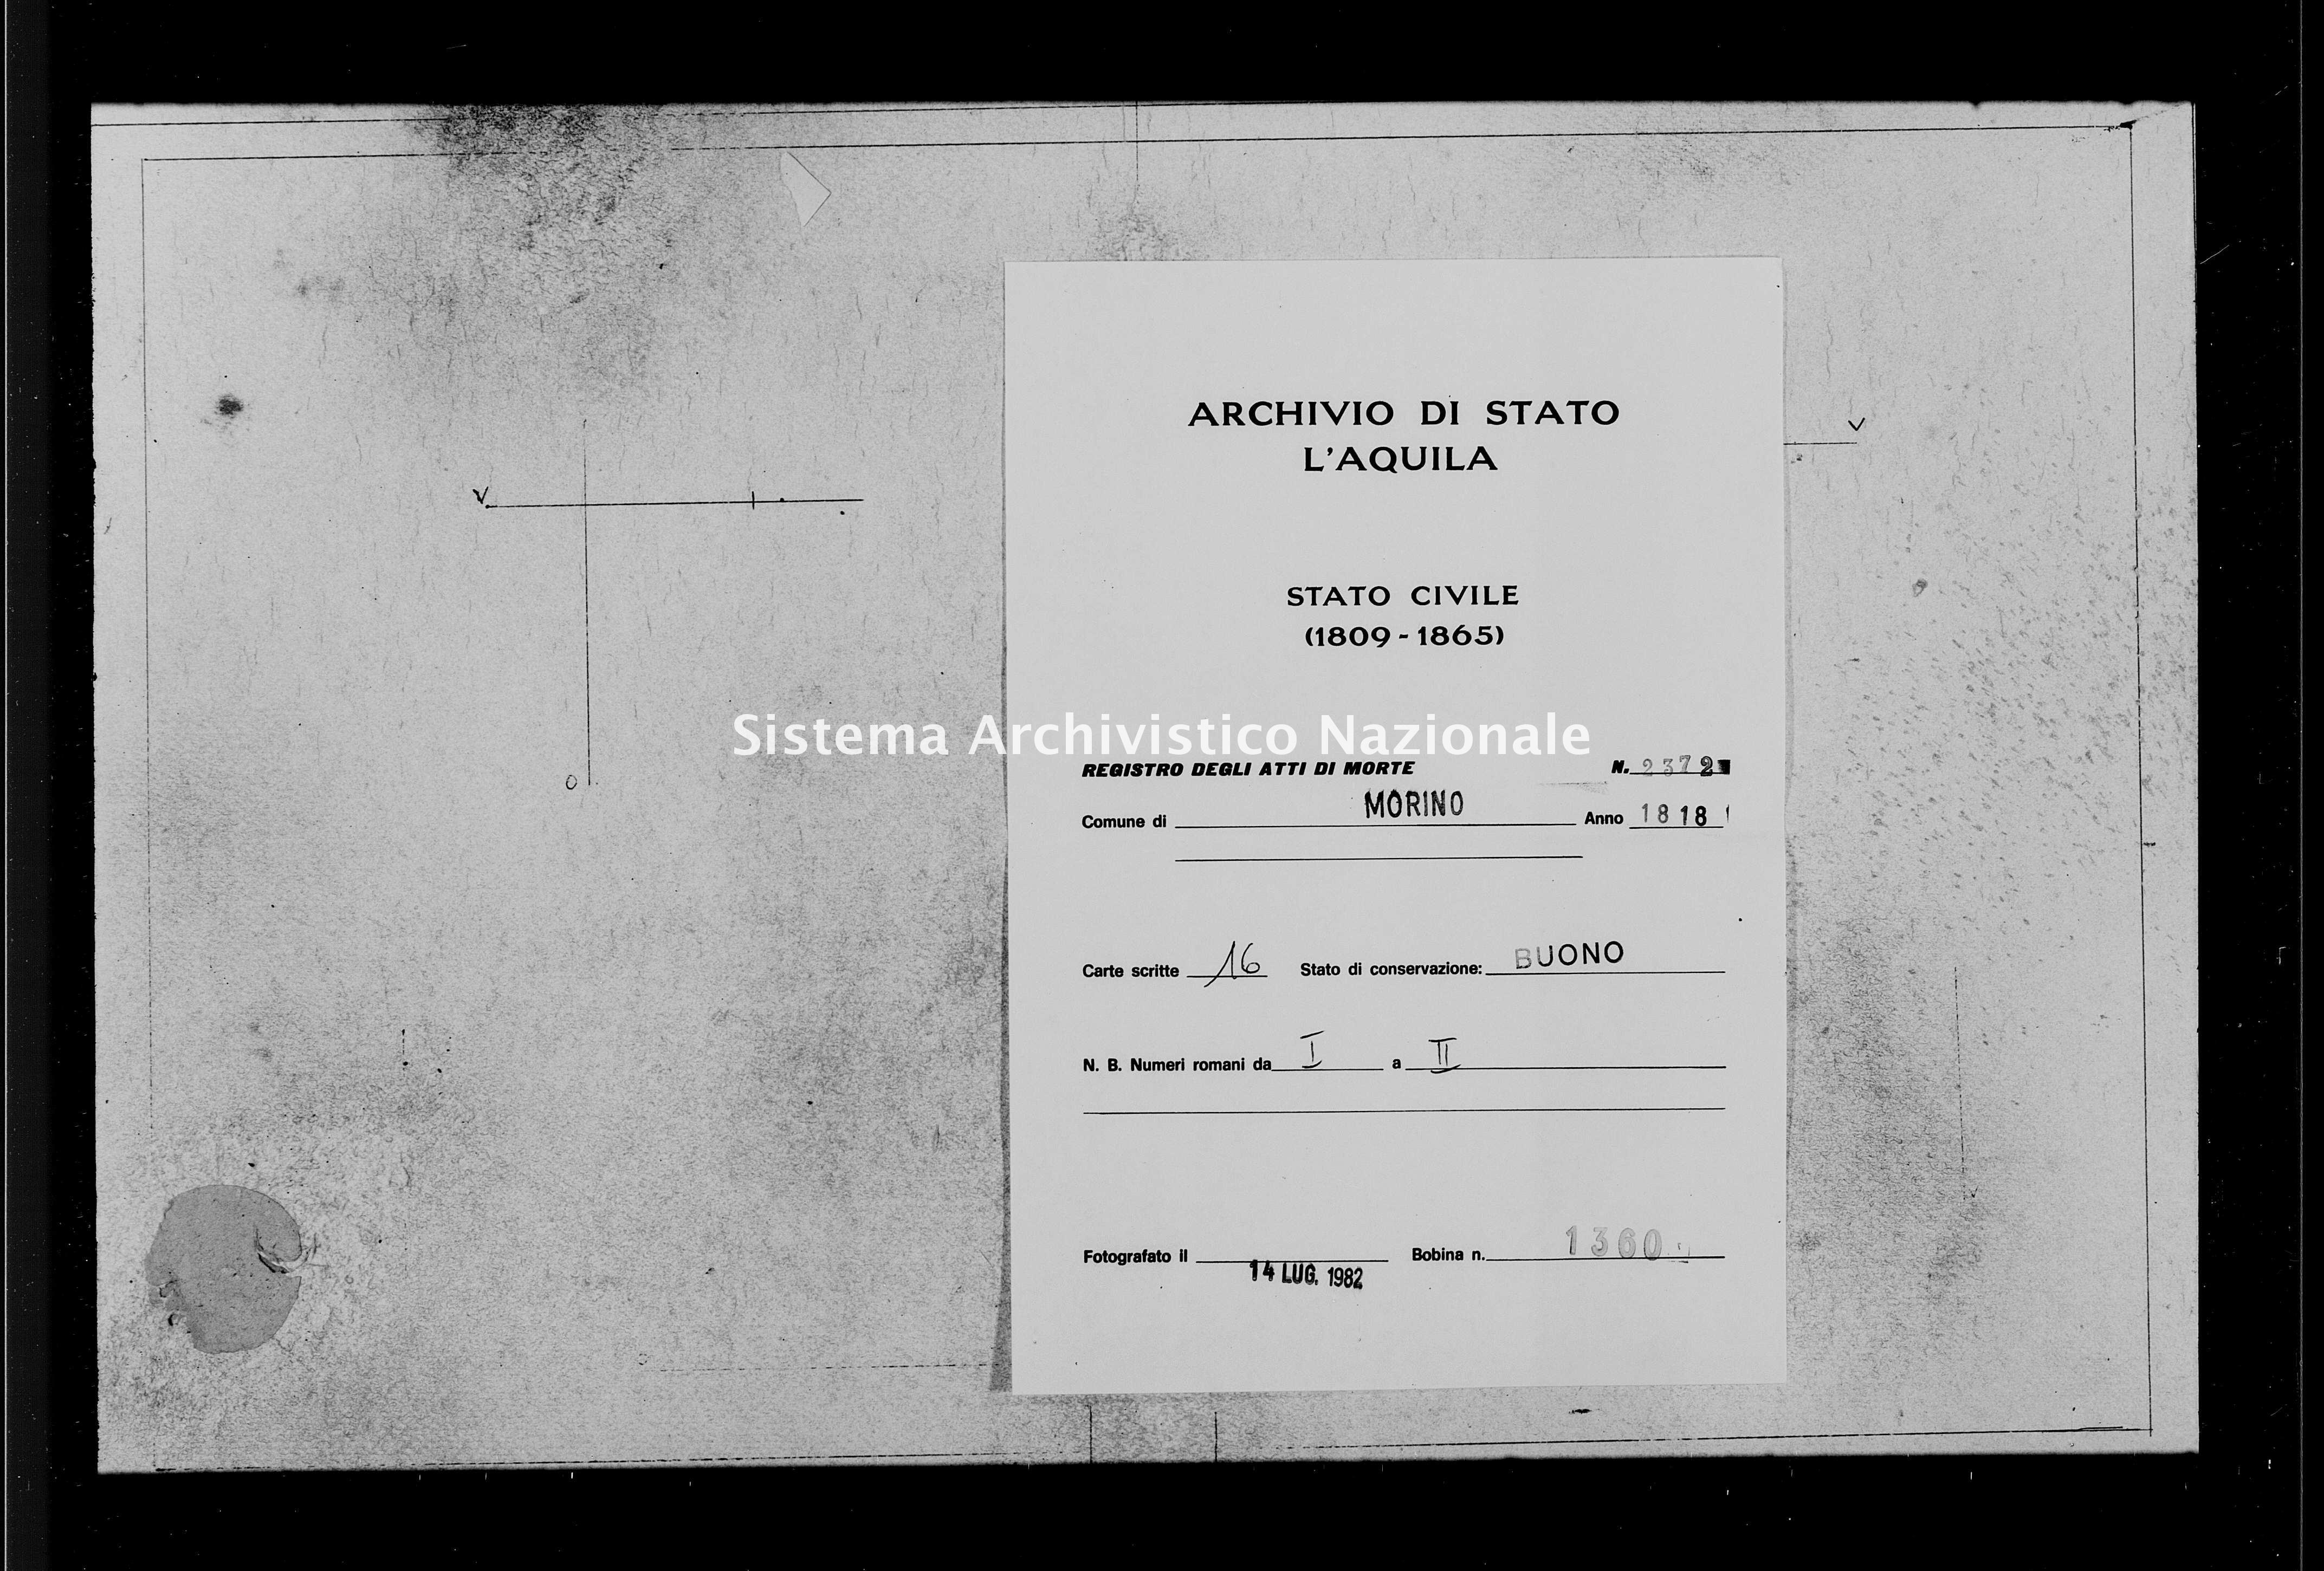 Archivio di stato di L'aquila - Stato civile della restaurazione - Morino - Morti - 1818 - 2372 -